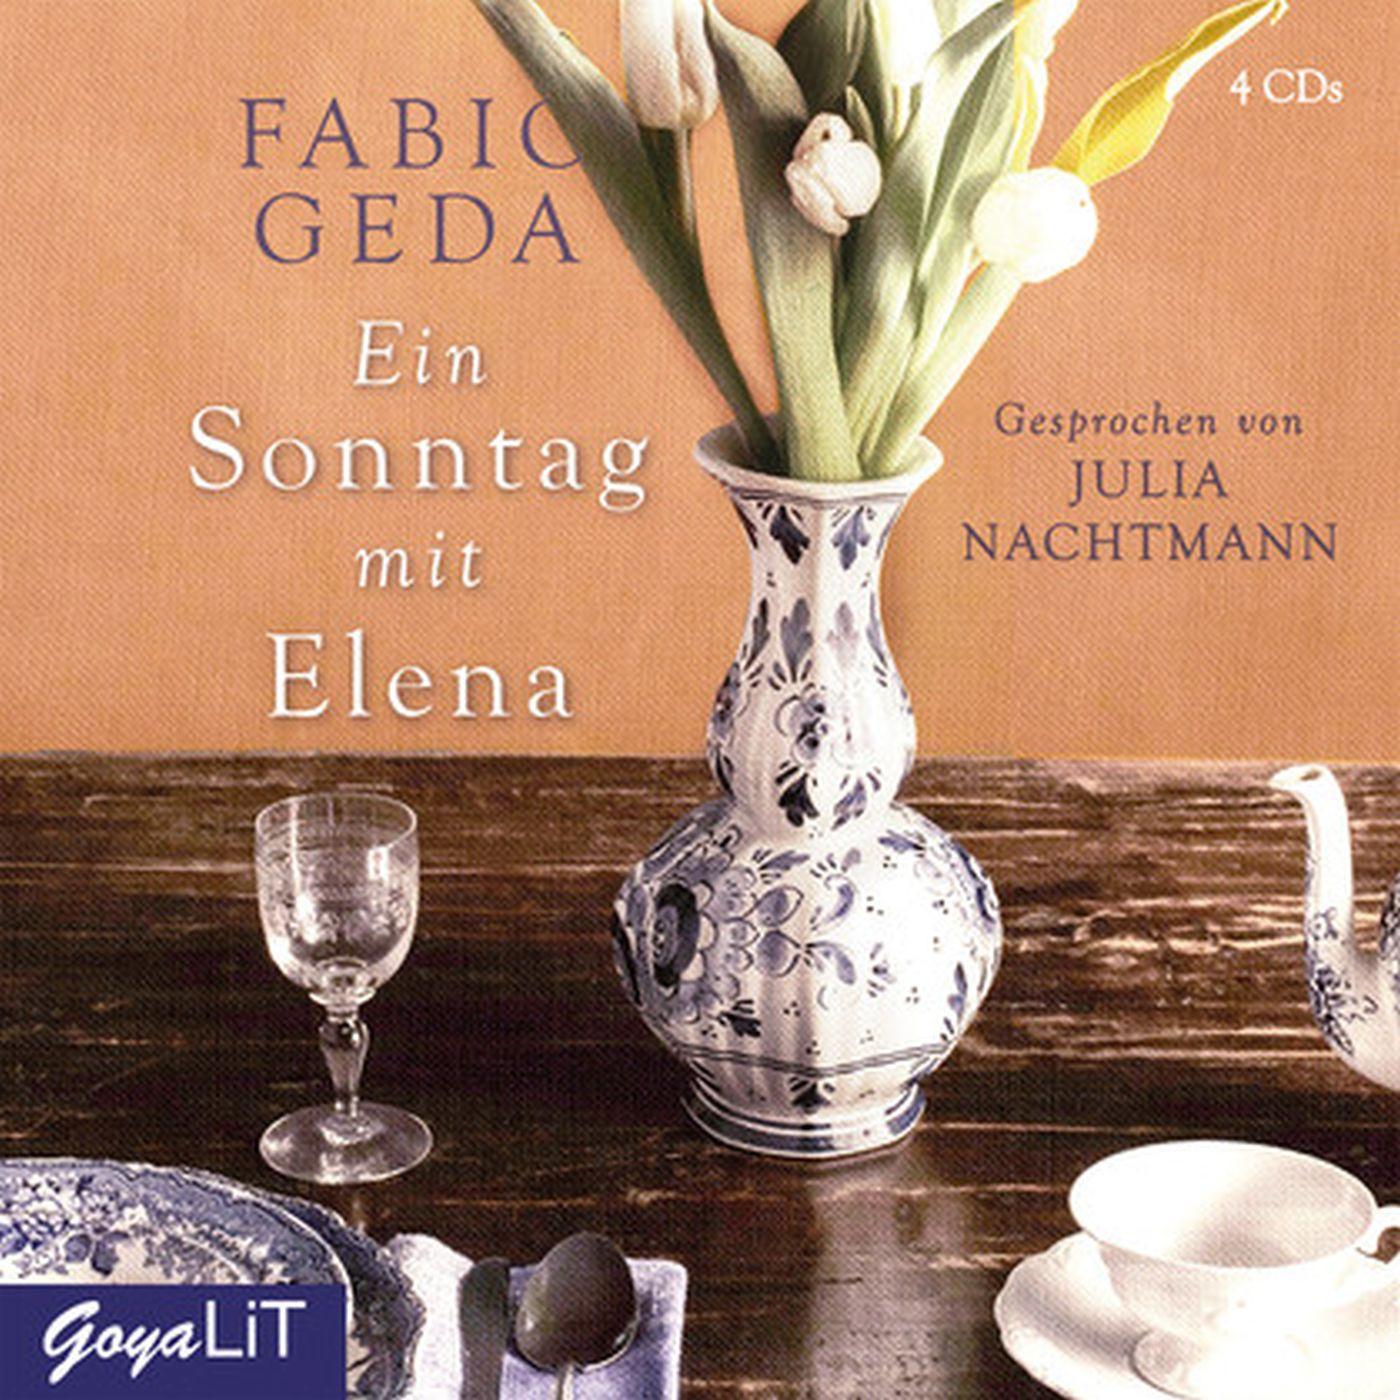 Fabio Geda - Ein Sonntag mit Elena